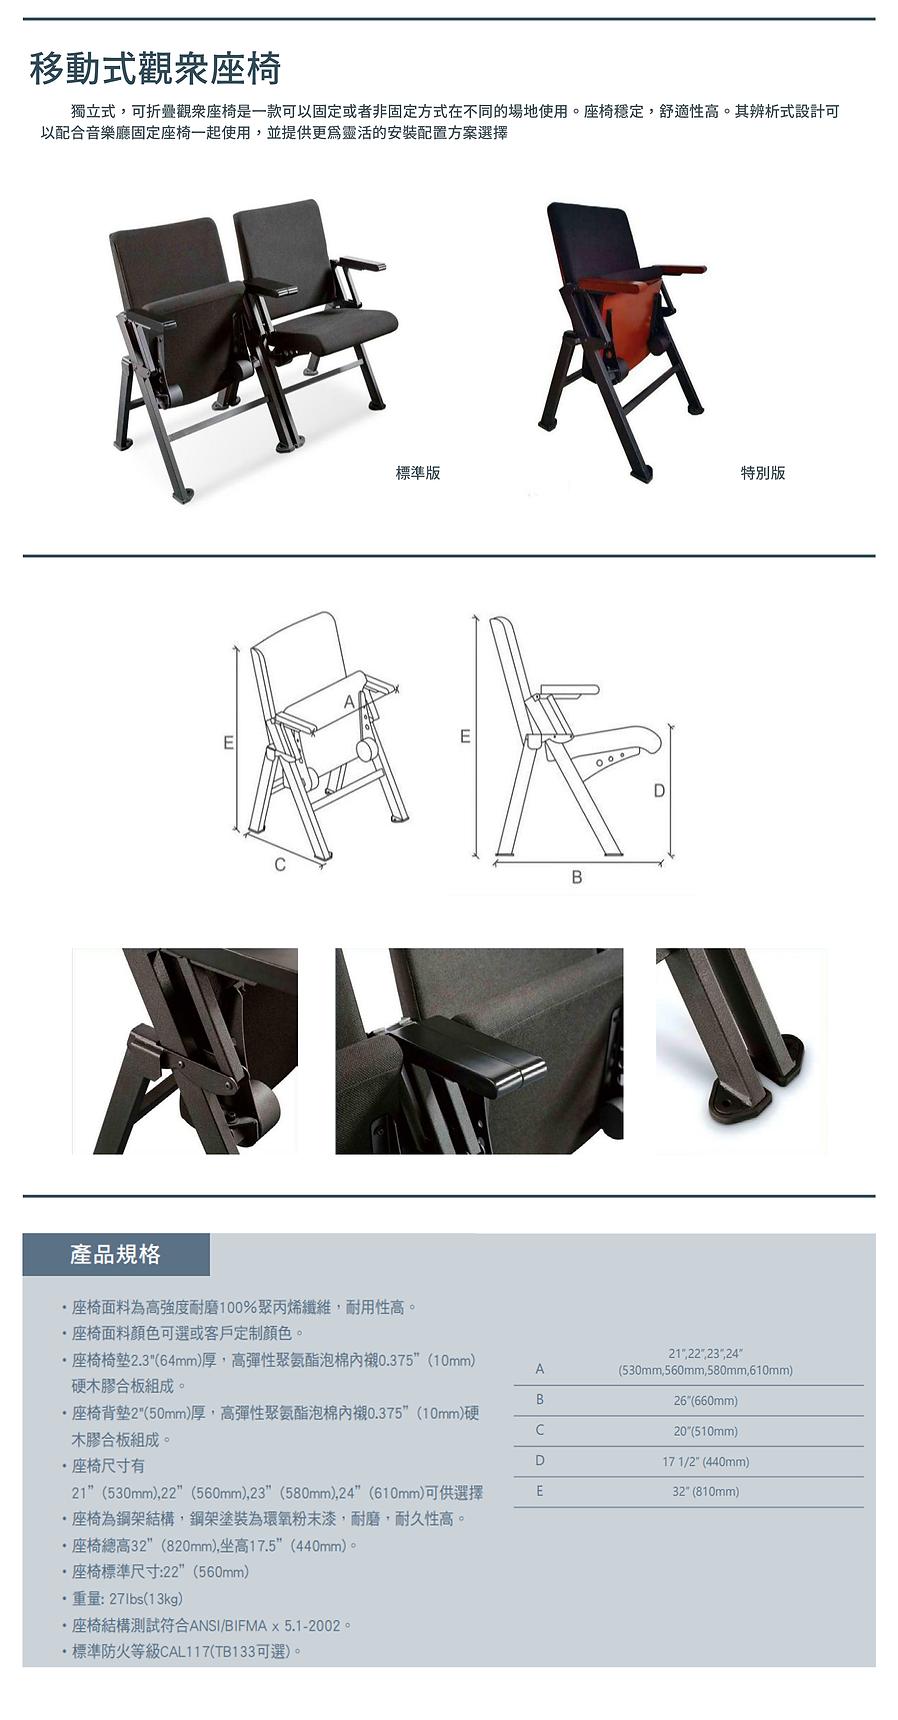 移動式觀眾座椅.png